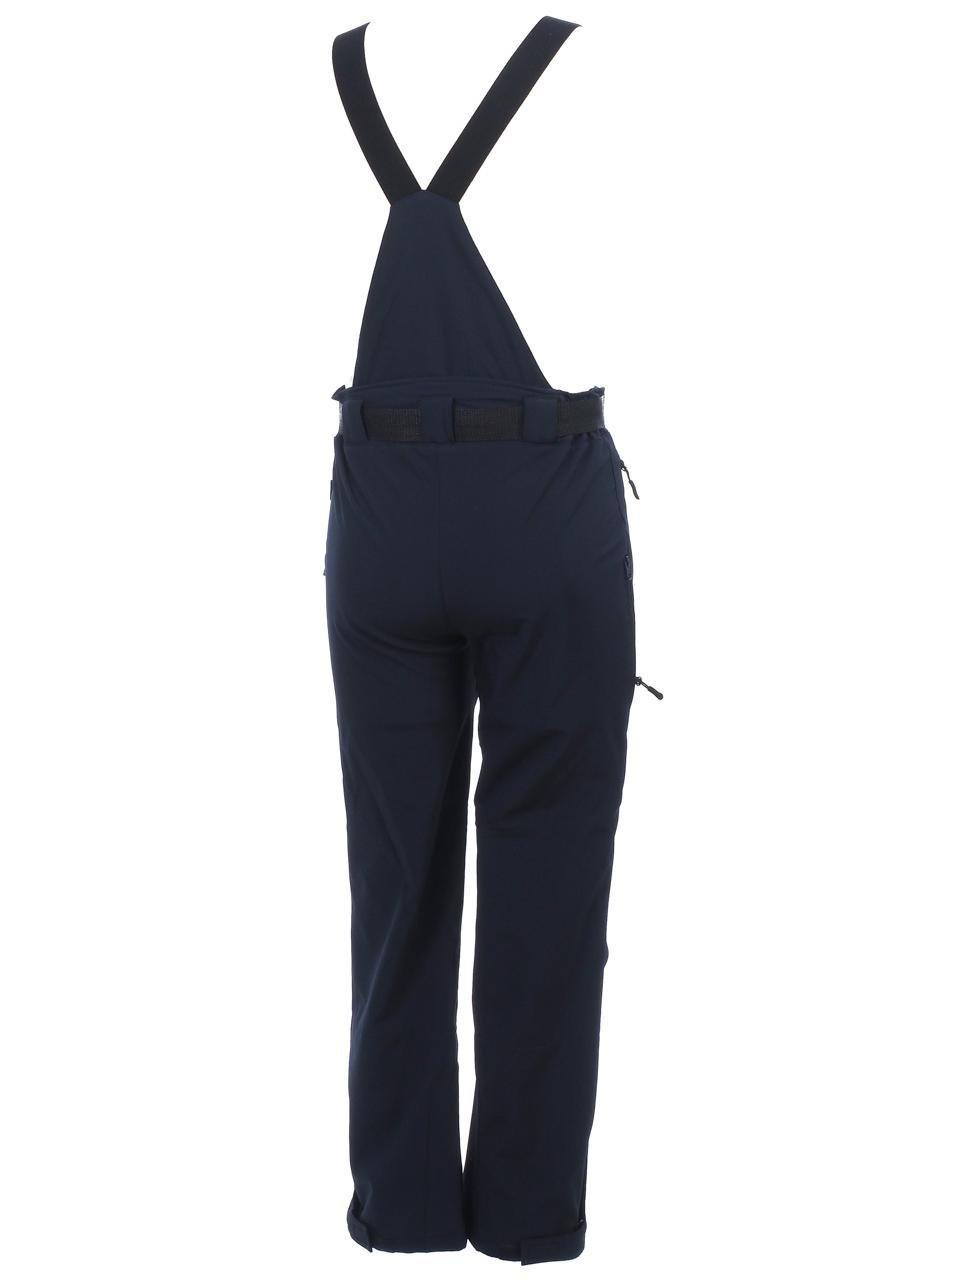 /pantaloni da sci Surf SD Best Selection/ /unosoft Navy Pant/